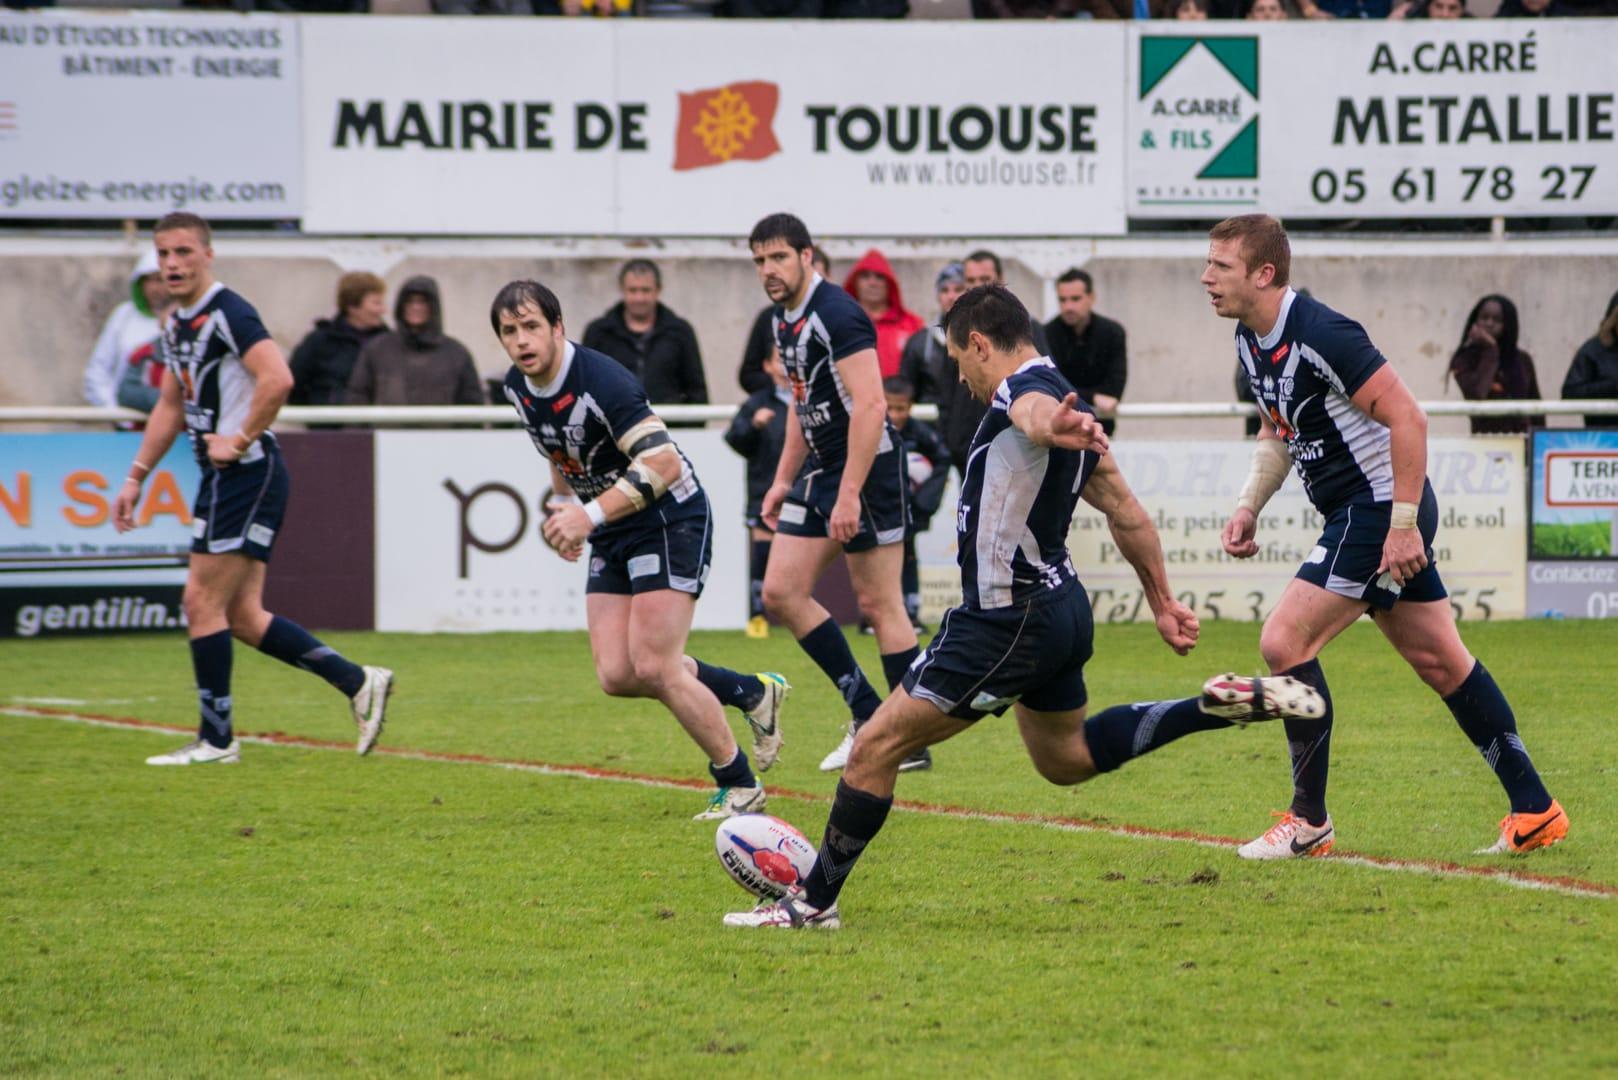 Photo de la demi finale du championnat de France de Rugby à XIII, Toulouse - Villeneuve 14